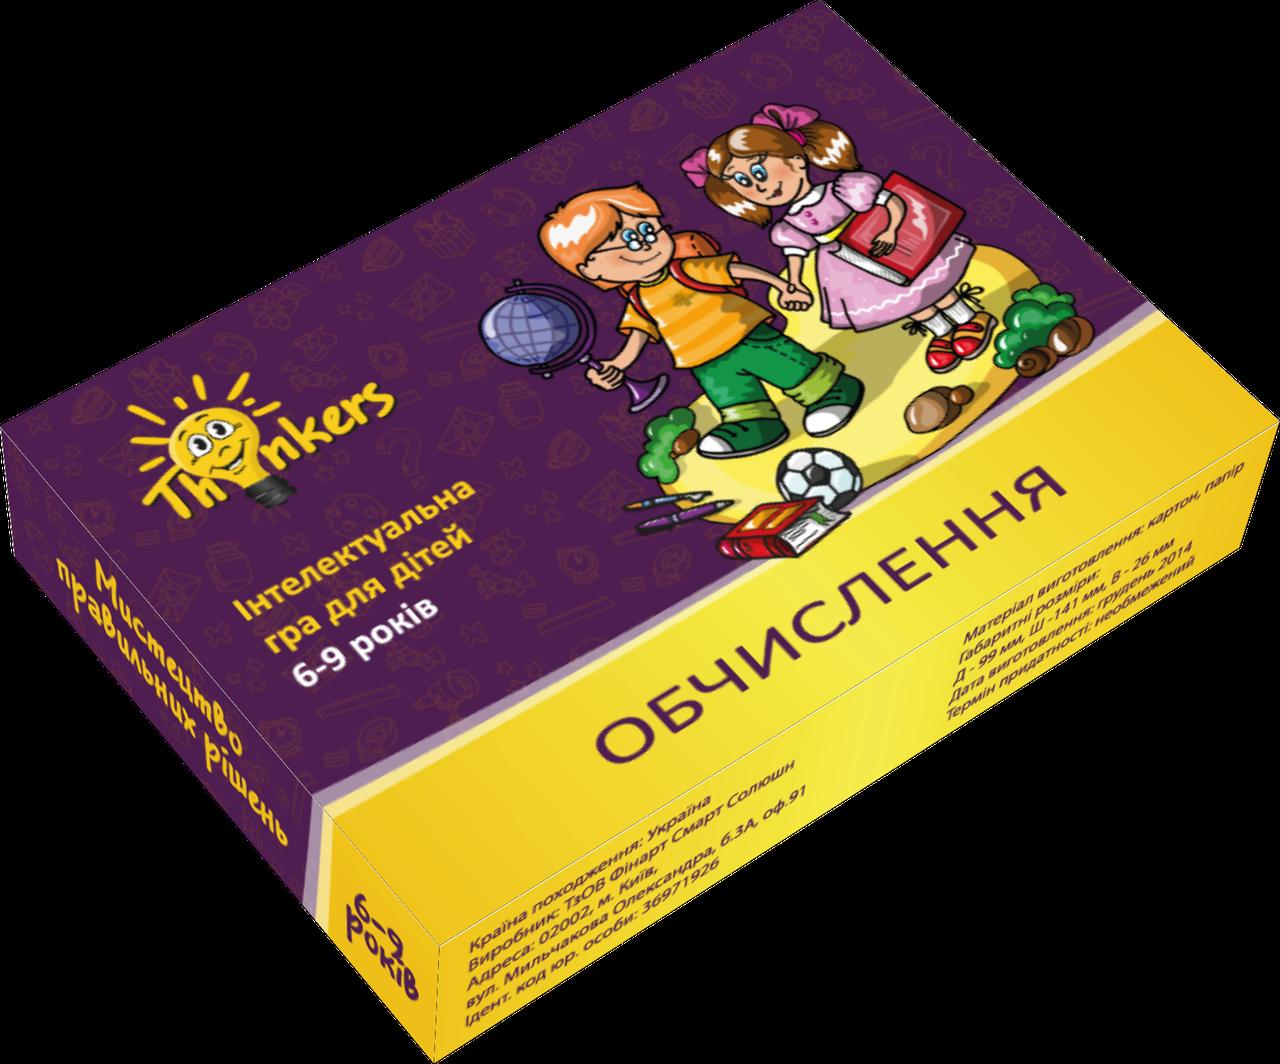 Thinkers 6-9 років. Випуск 1 Обчислення (українською) (06011)